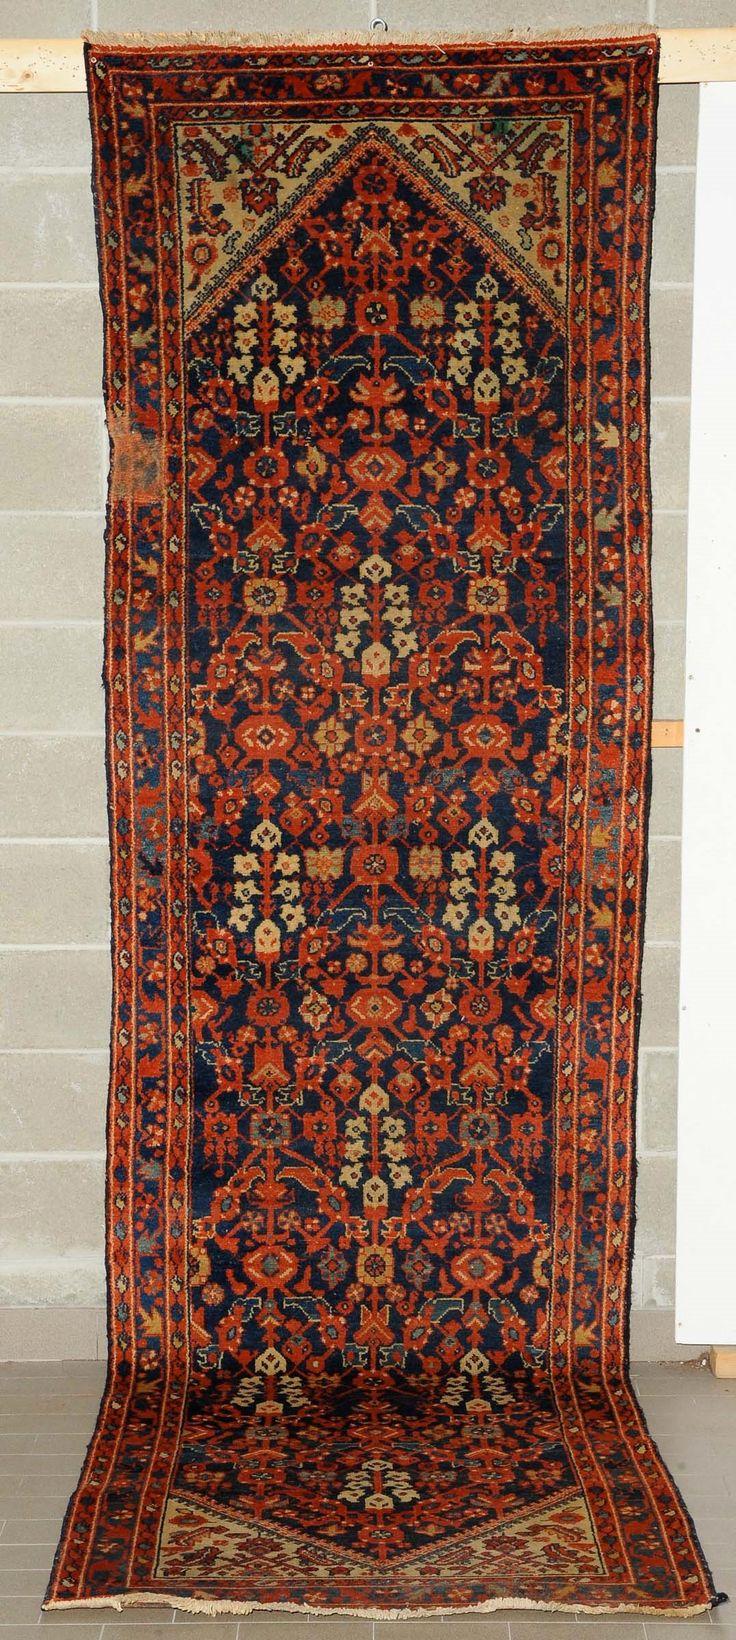 Tappeto persiano Malayer, inizio XX secolo from Cambi Casa d'Este